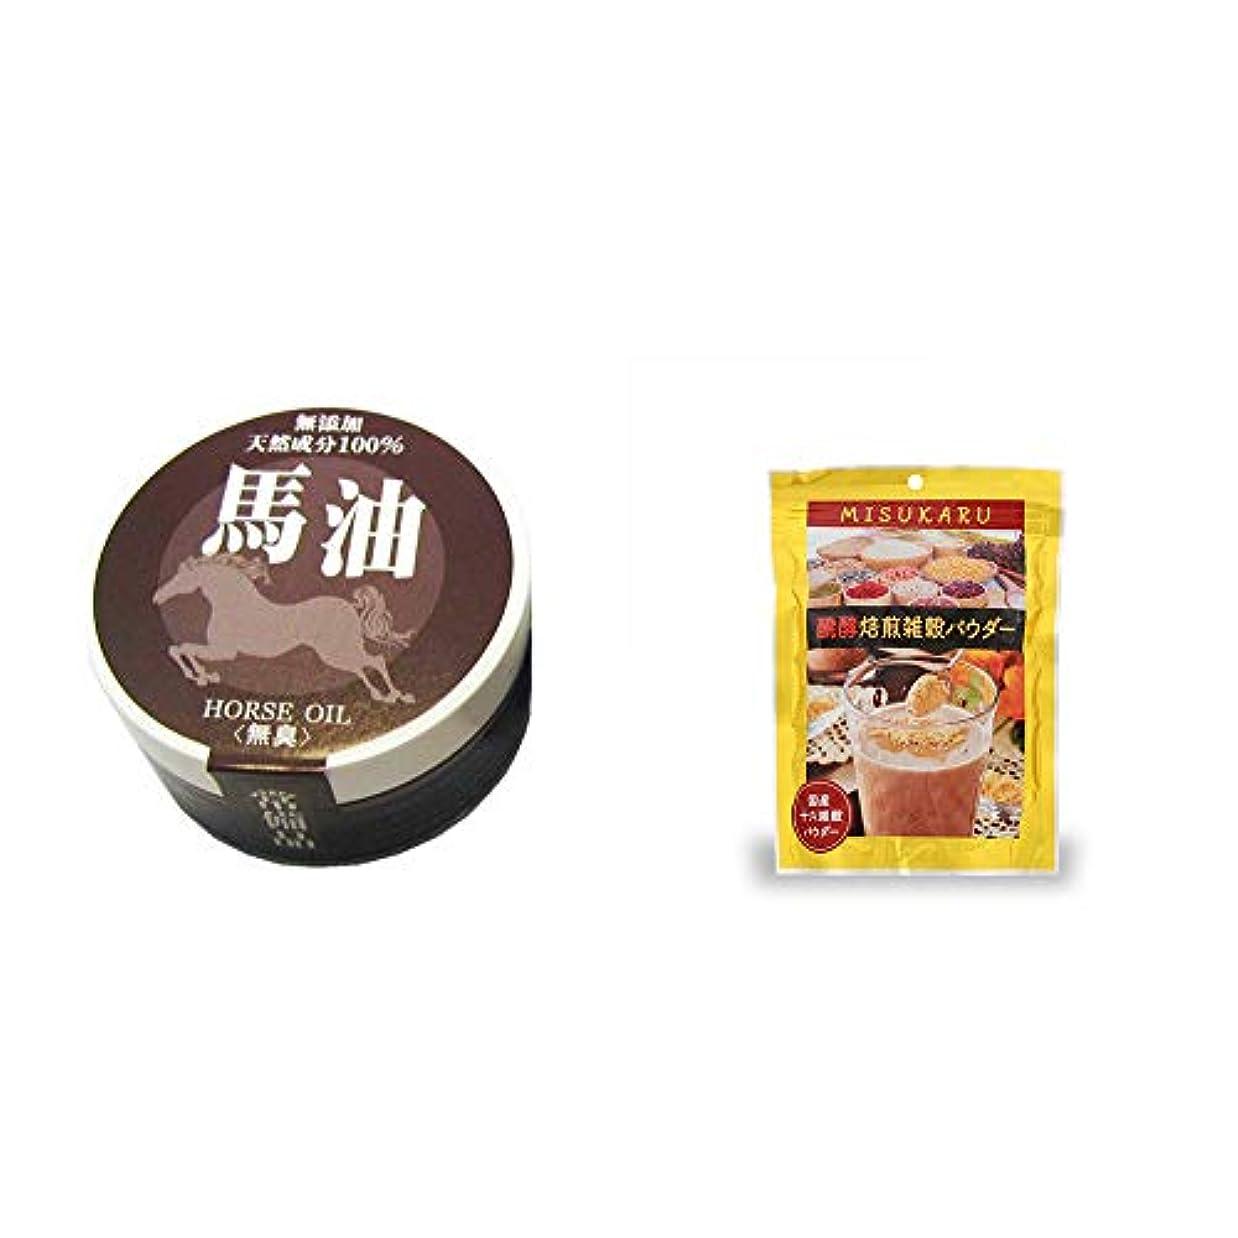 わかる救援レンチ[2点セット] 無添加天然成分100% 馬油[無香料](38g)?醗酵焙煎雑穀パウダー MISUKARU(ミスカル)(200g)